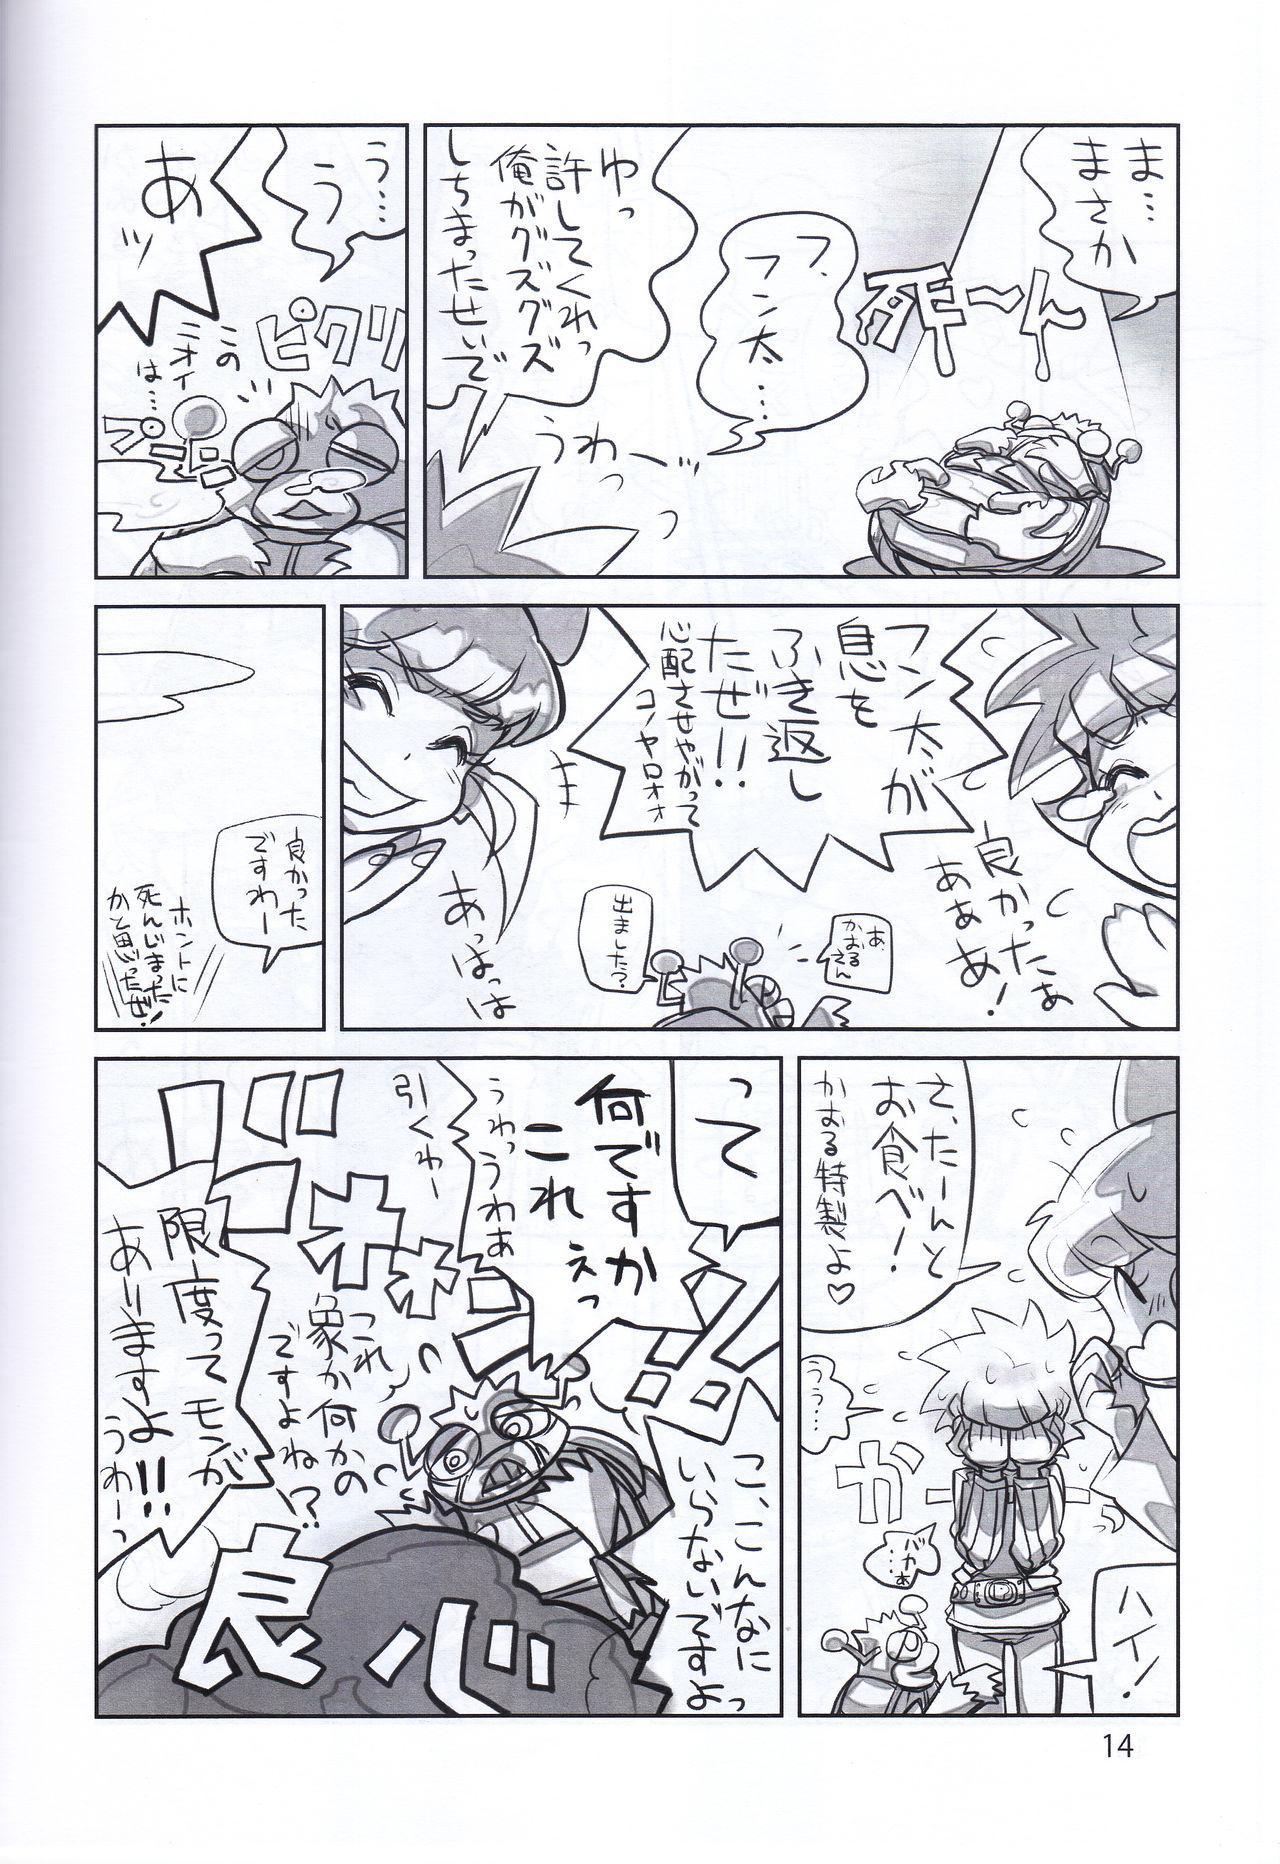 Juicy6 13